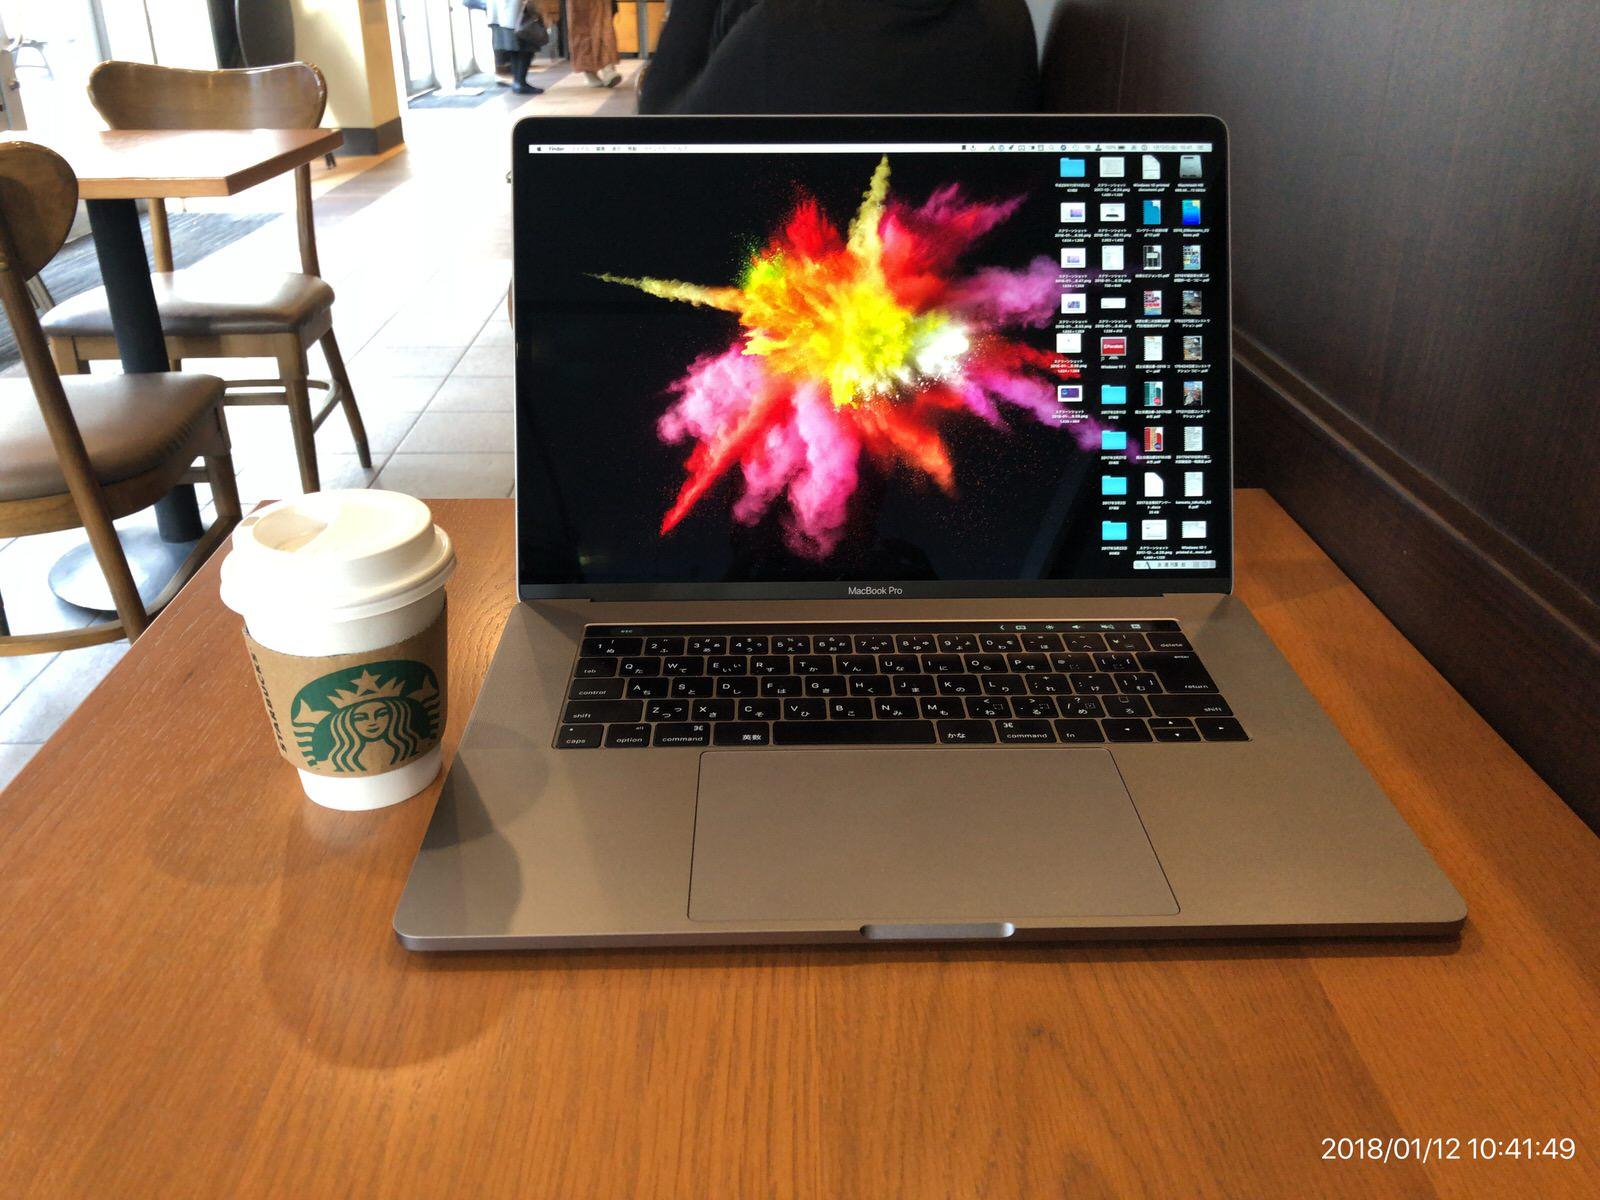 [スターバックス]スターバックスでコーヒーを飲みながら休憩しています